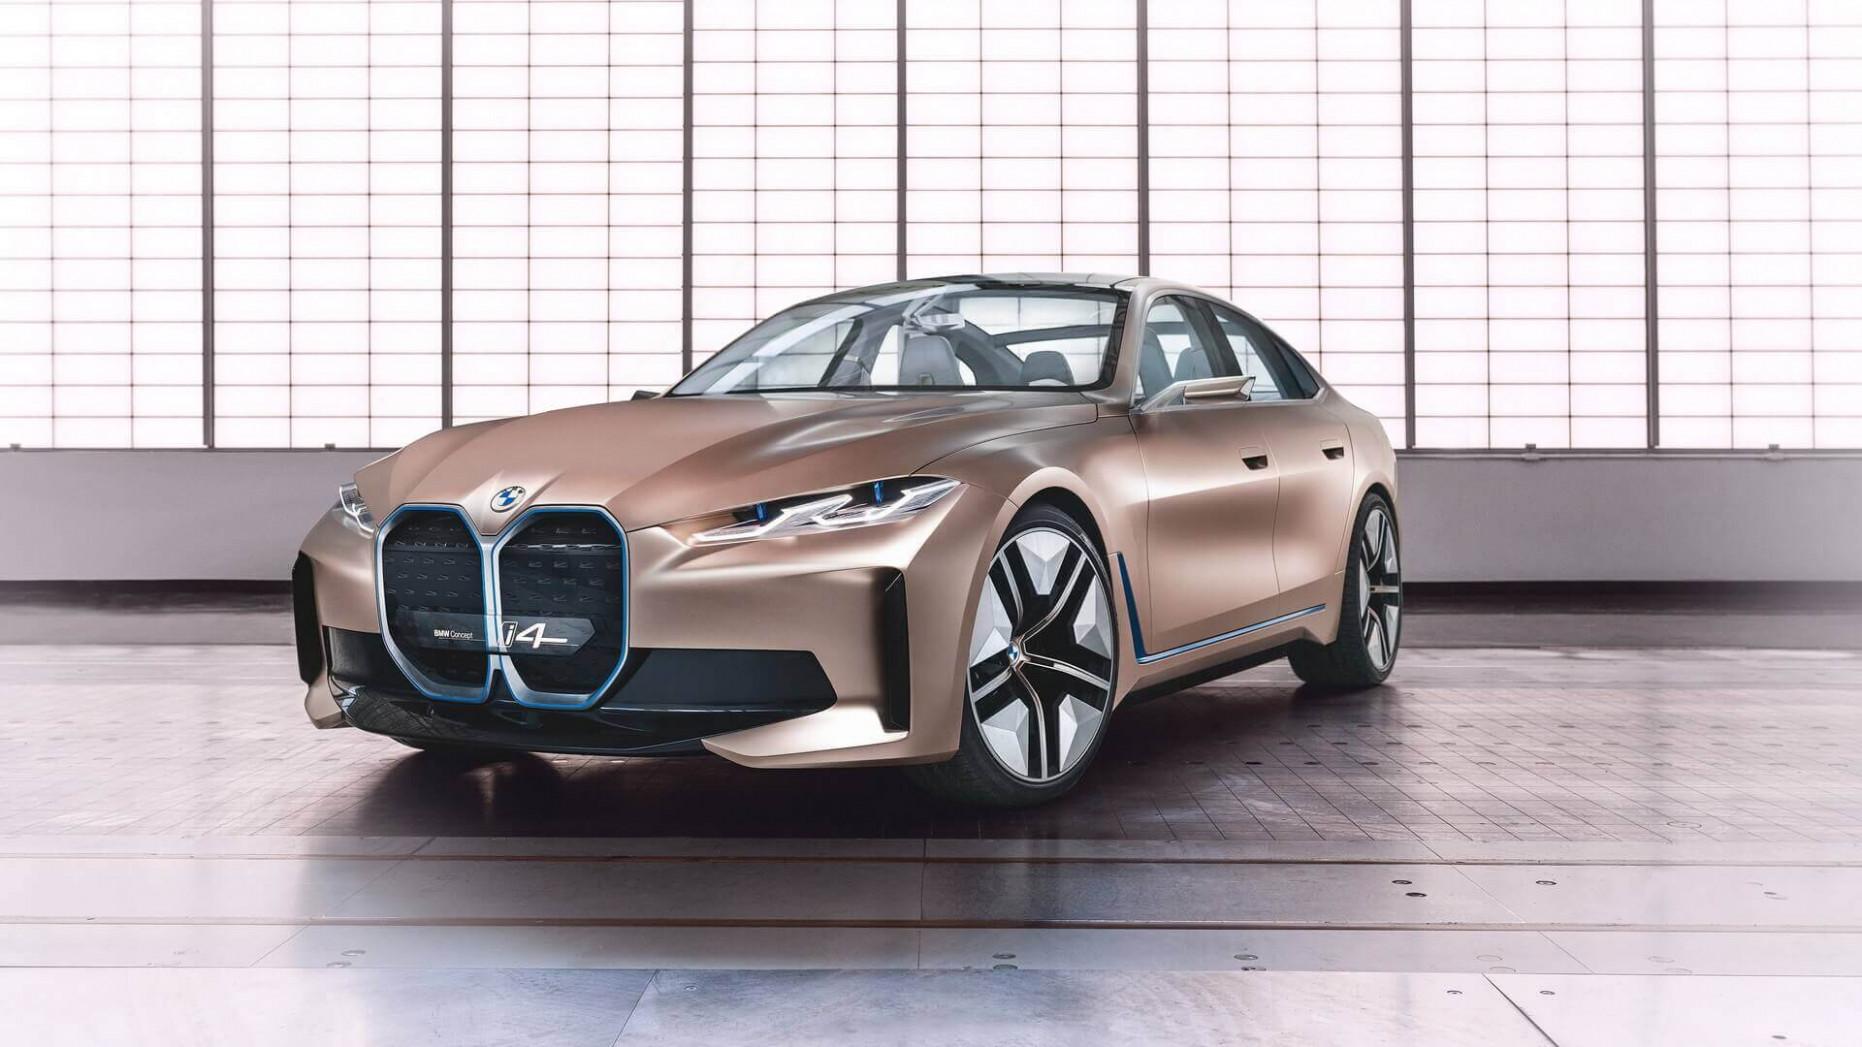 Concept BMW I4 2022